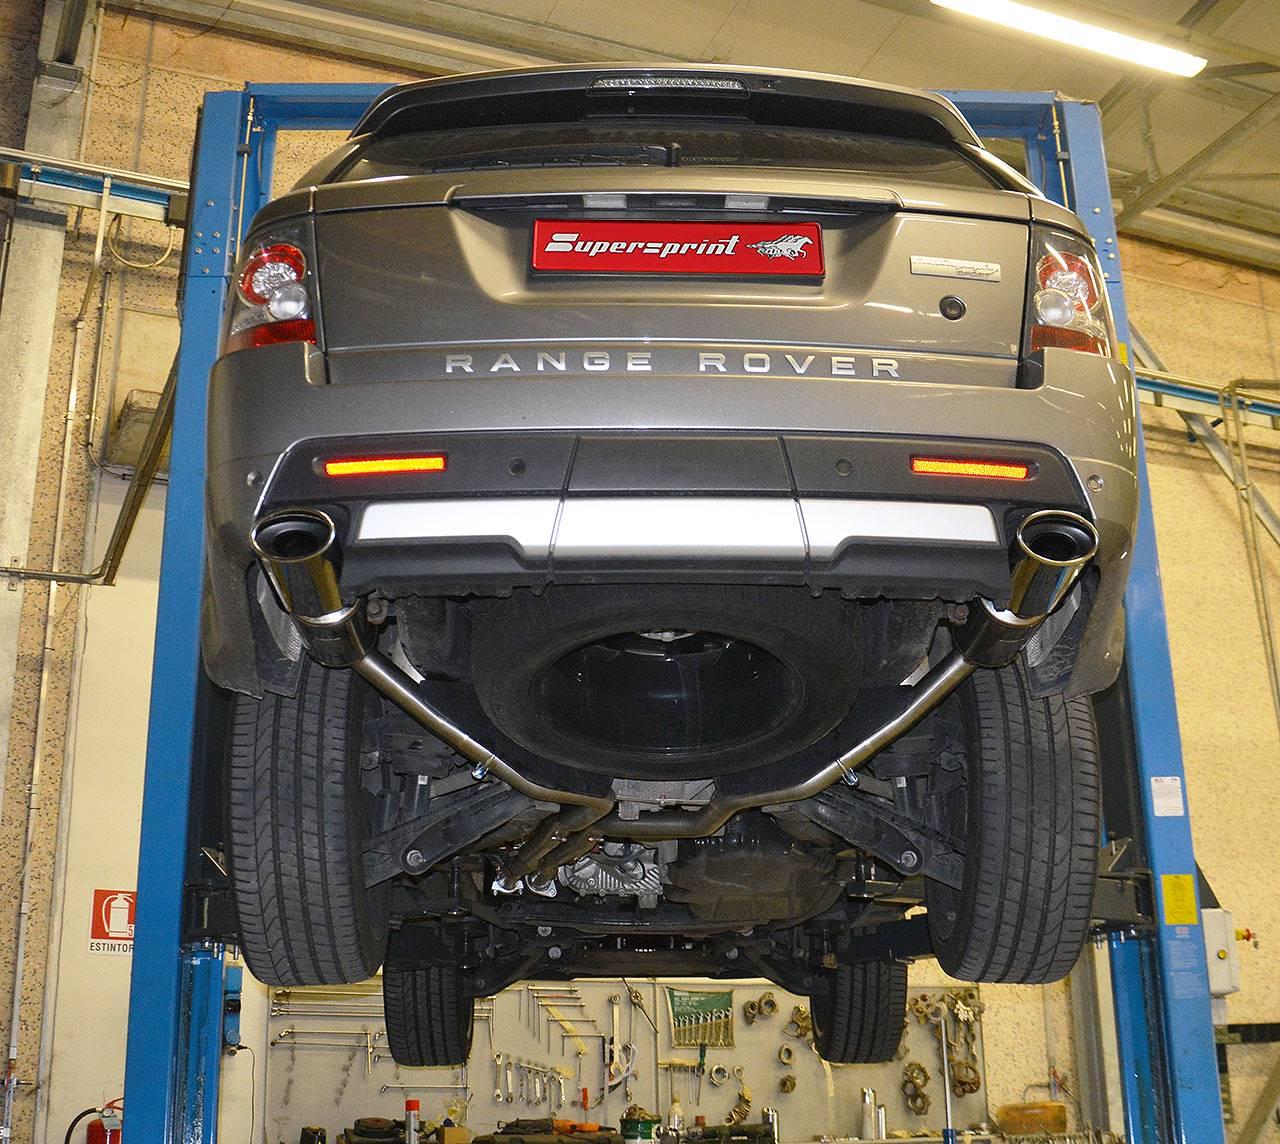 RANGE ROVER SPORT 5.0i V8 Supercharged (FORD Engine